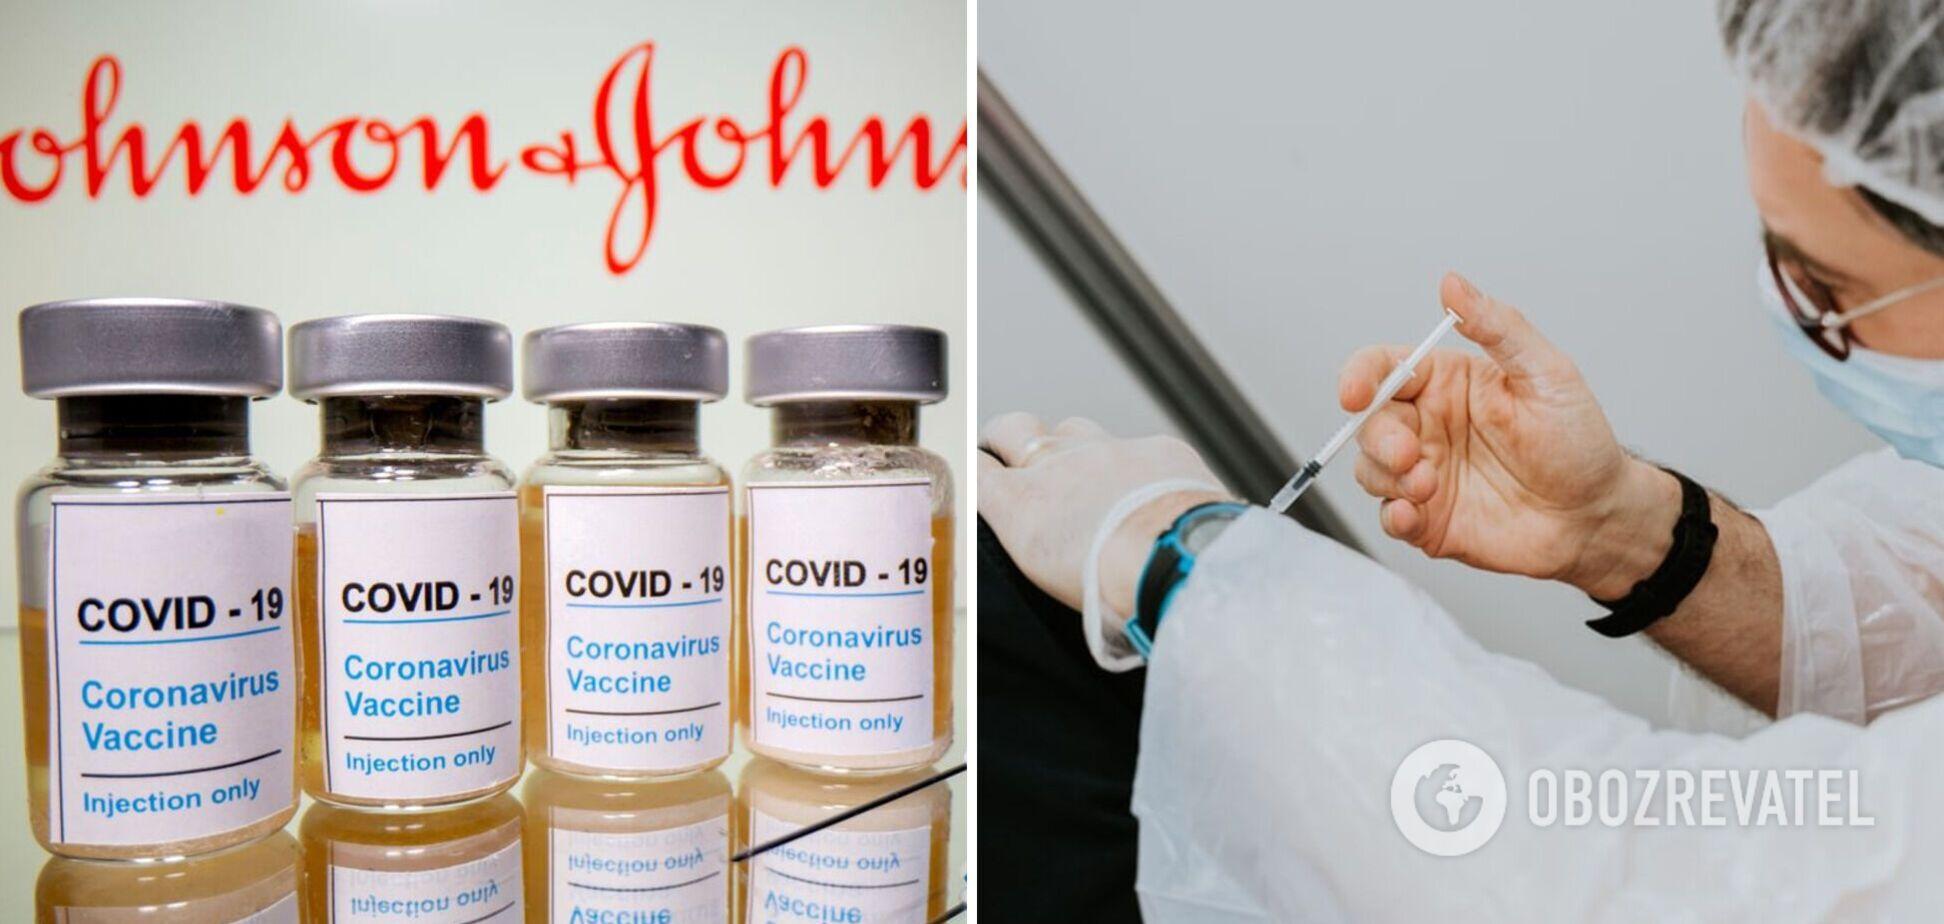 Бустерная доза вакцины J&J повышает эффективность прививки до 94% - исследование